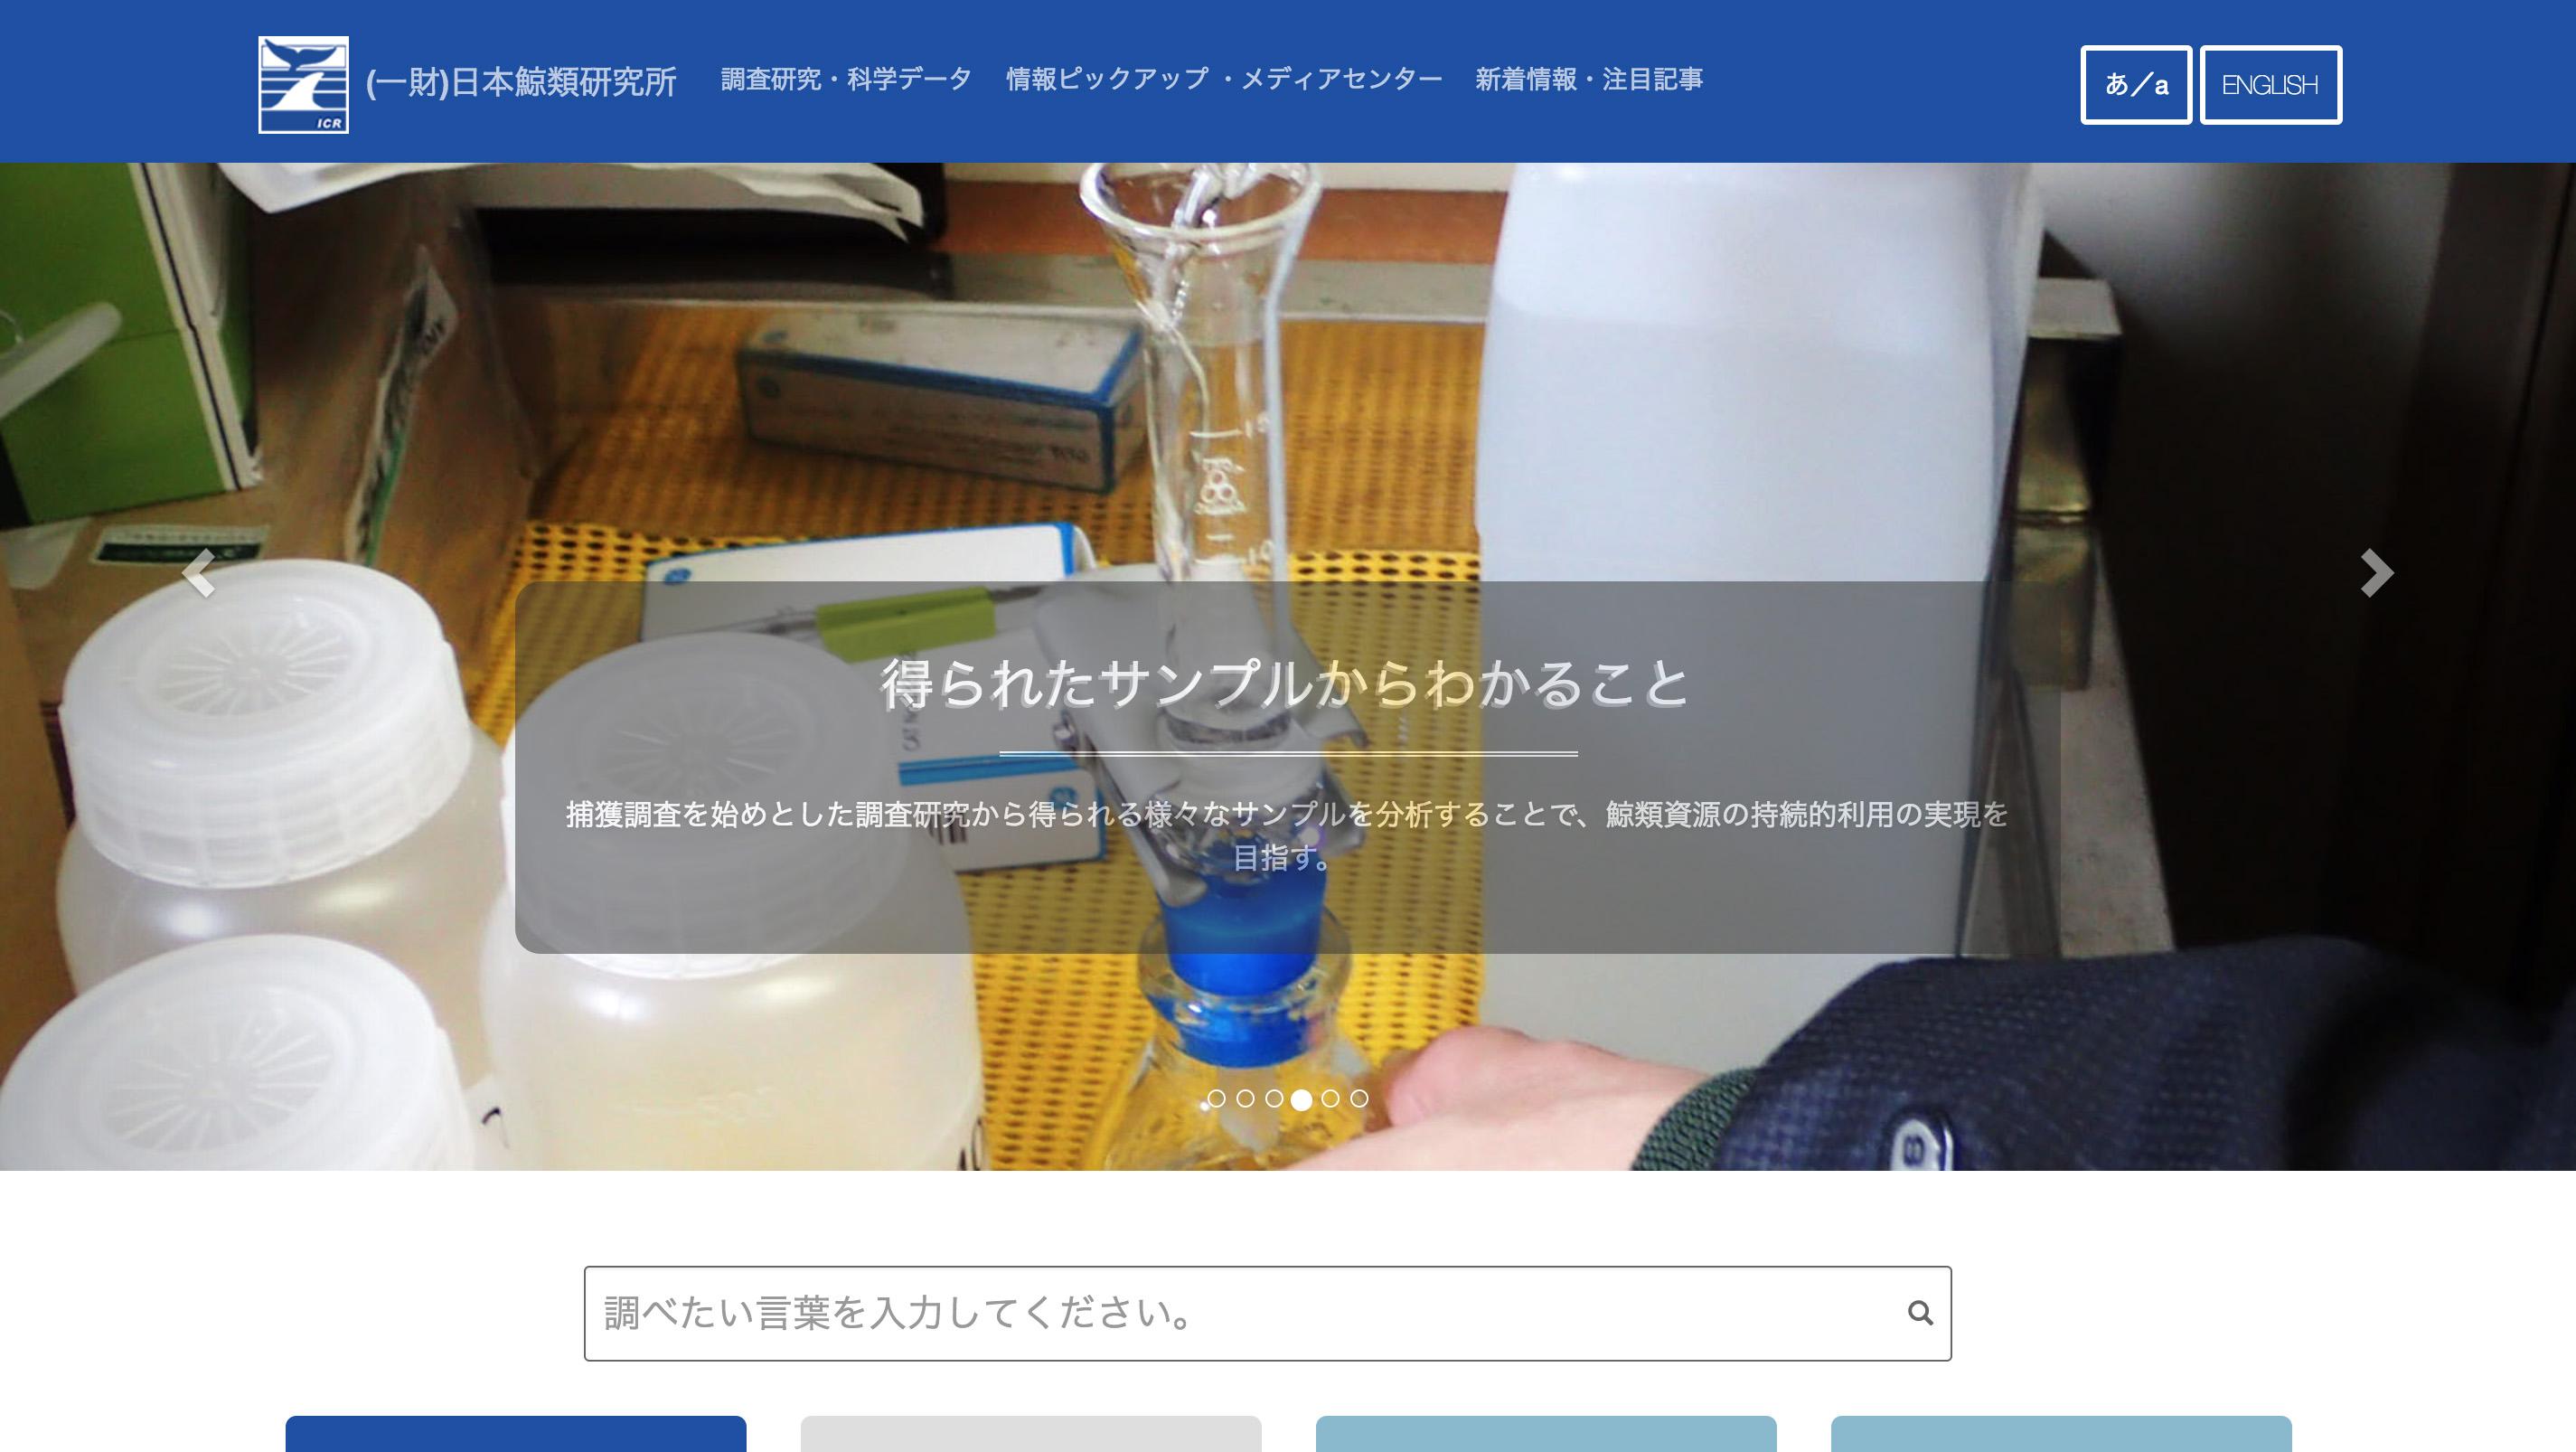 icrwebsite_screenshot